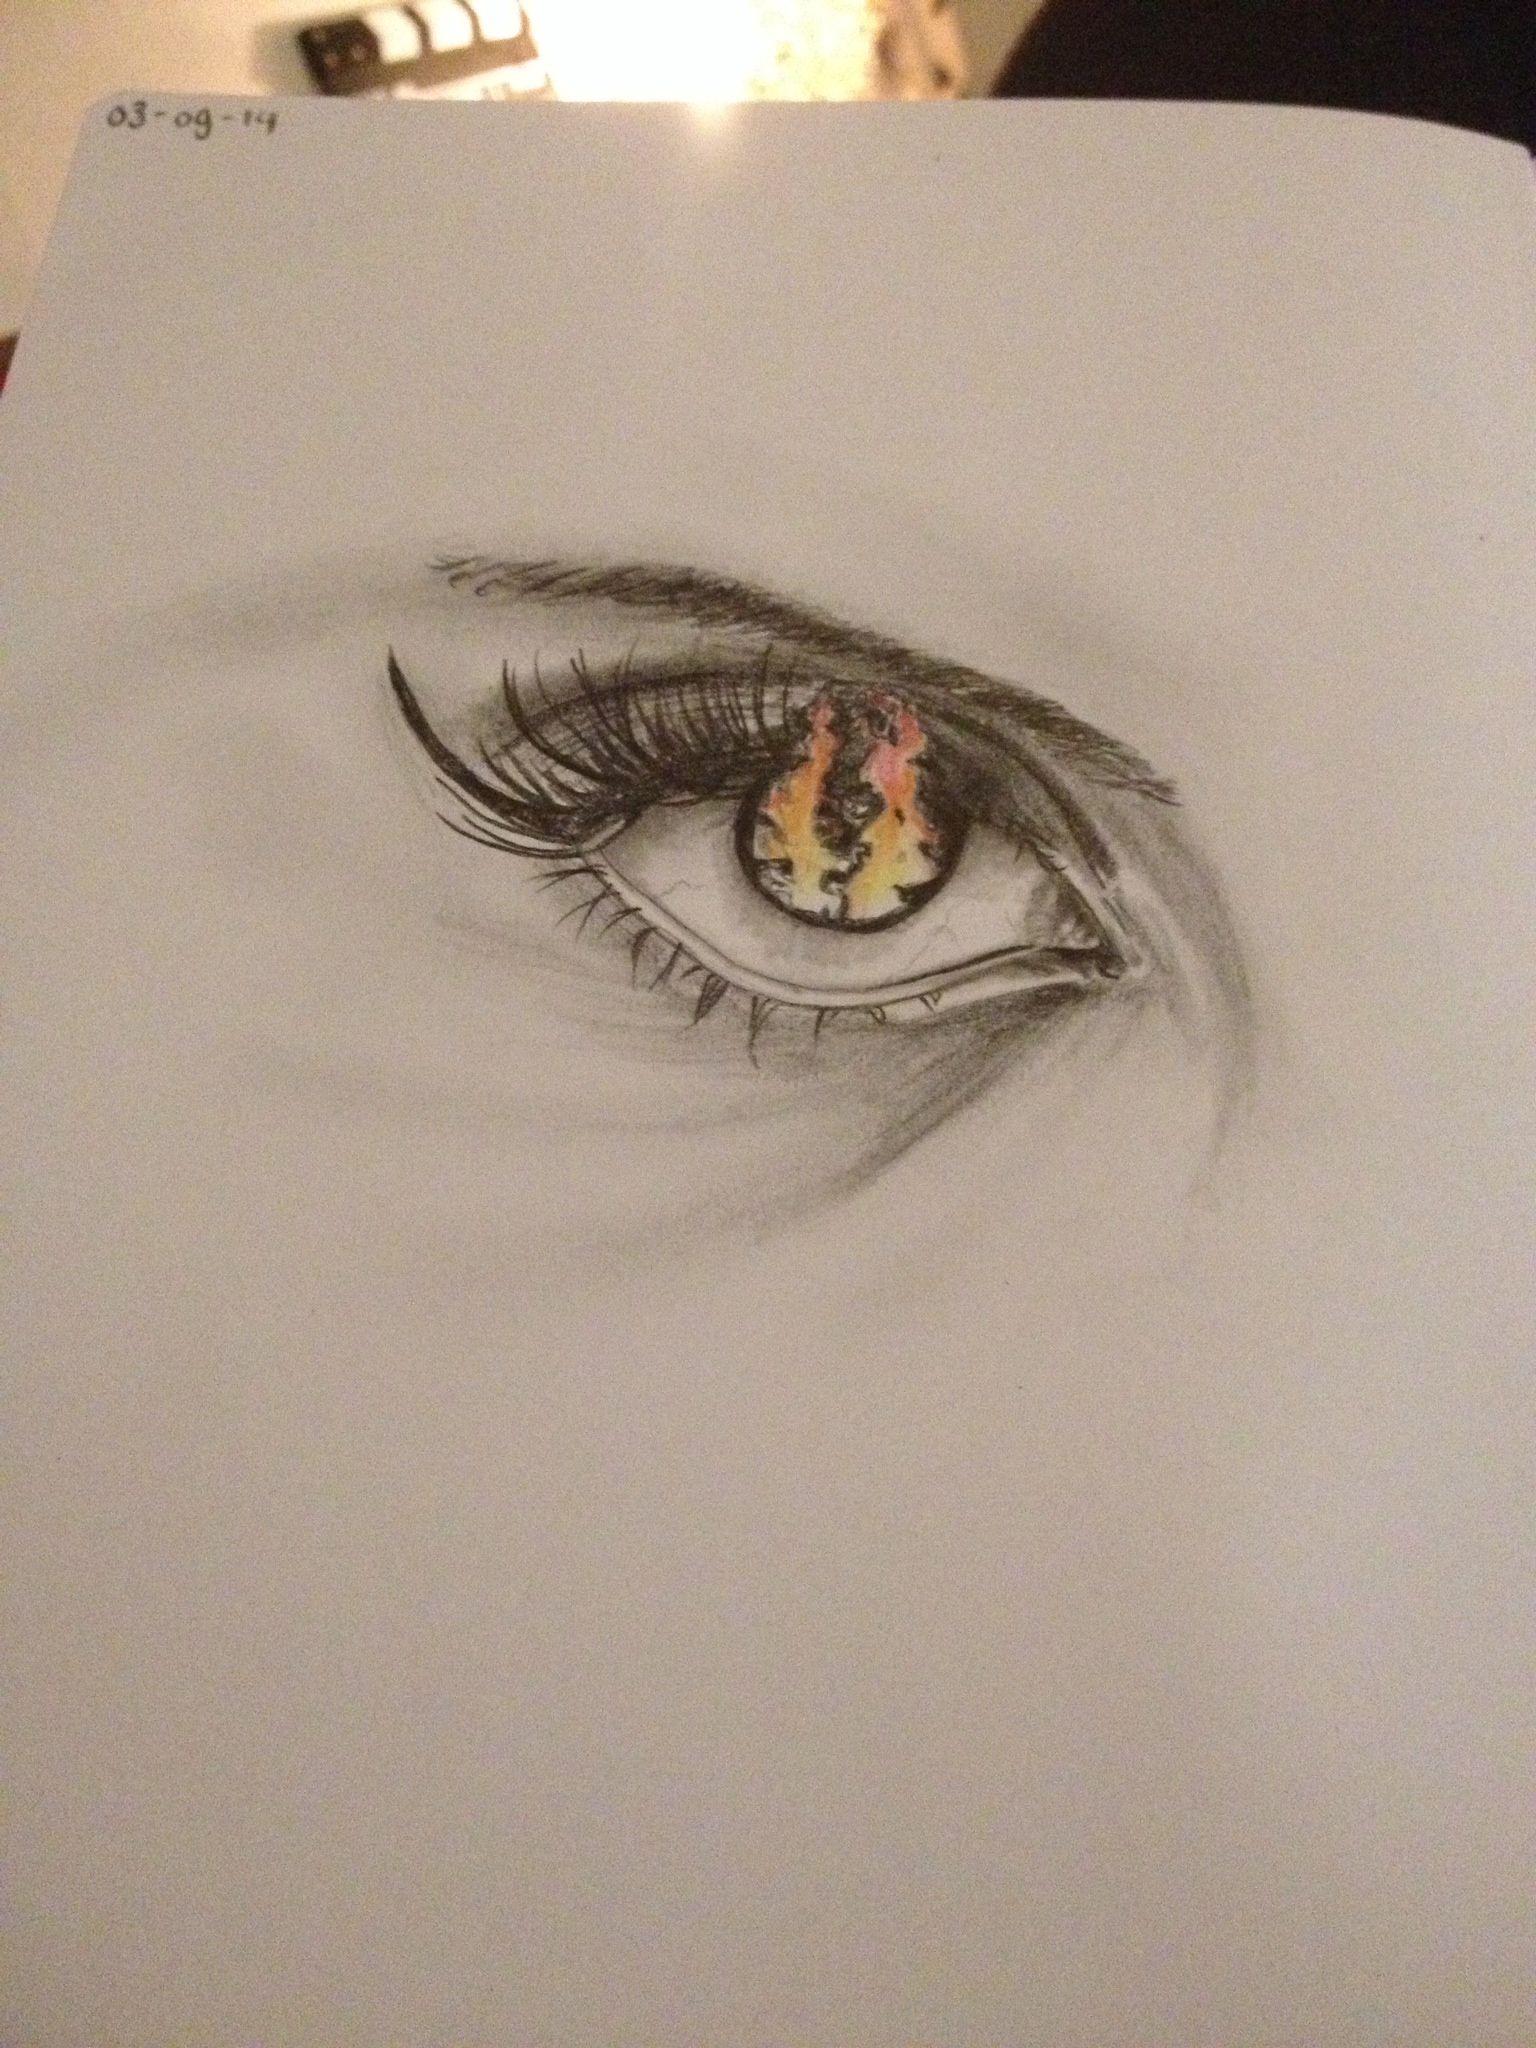 1 oog ziet donkerder